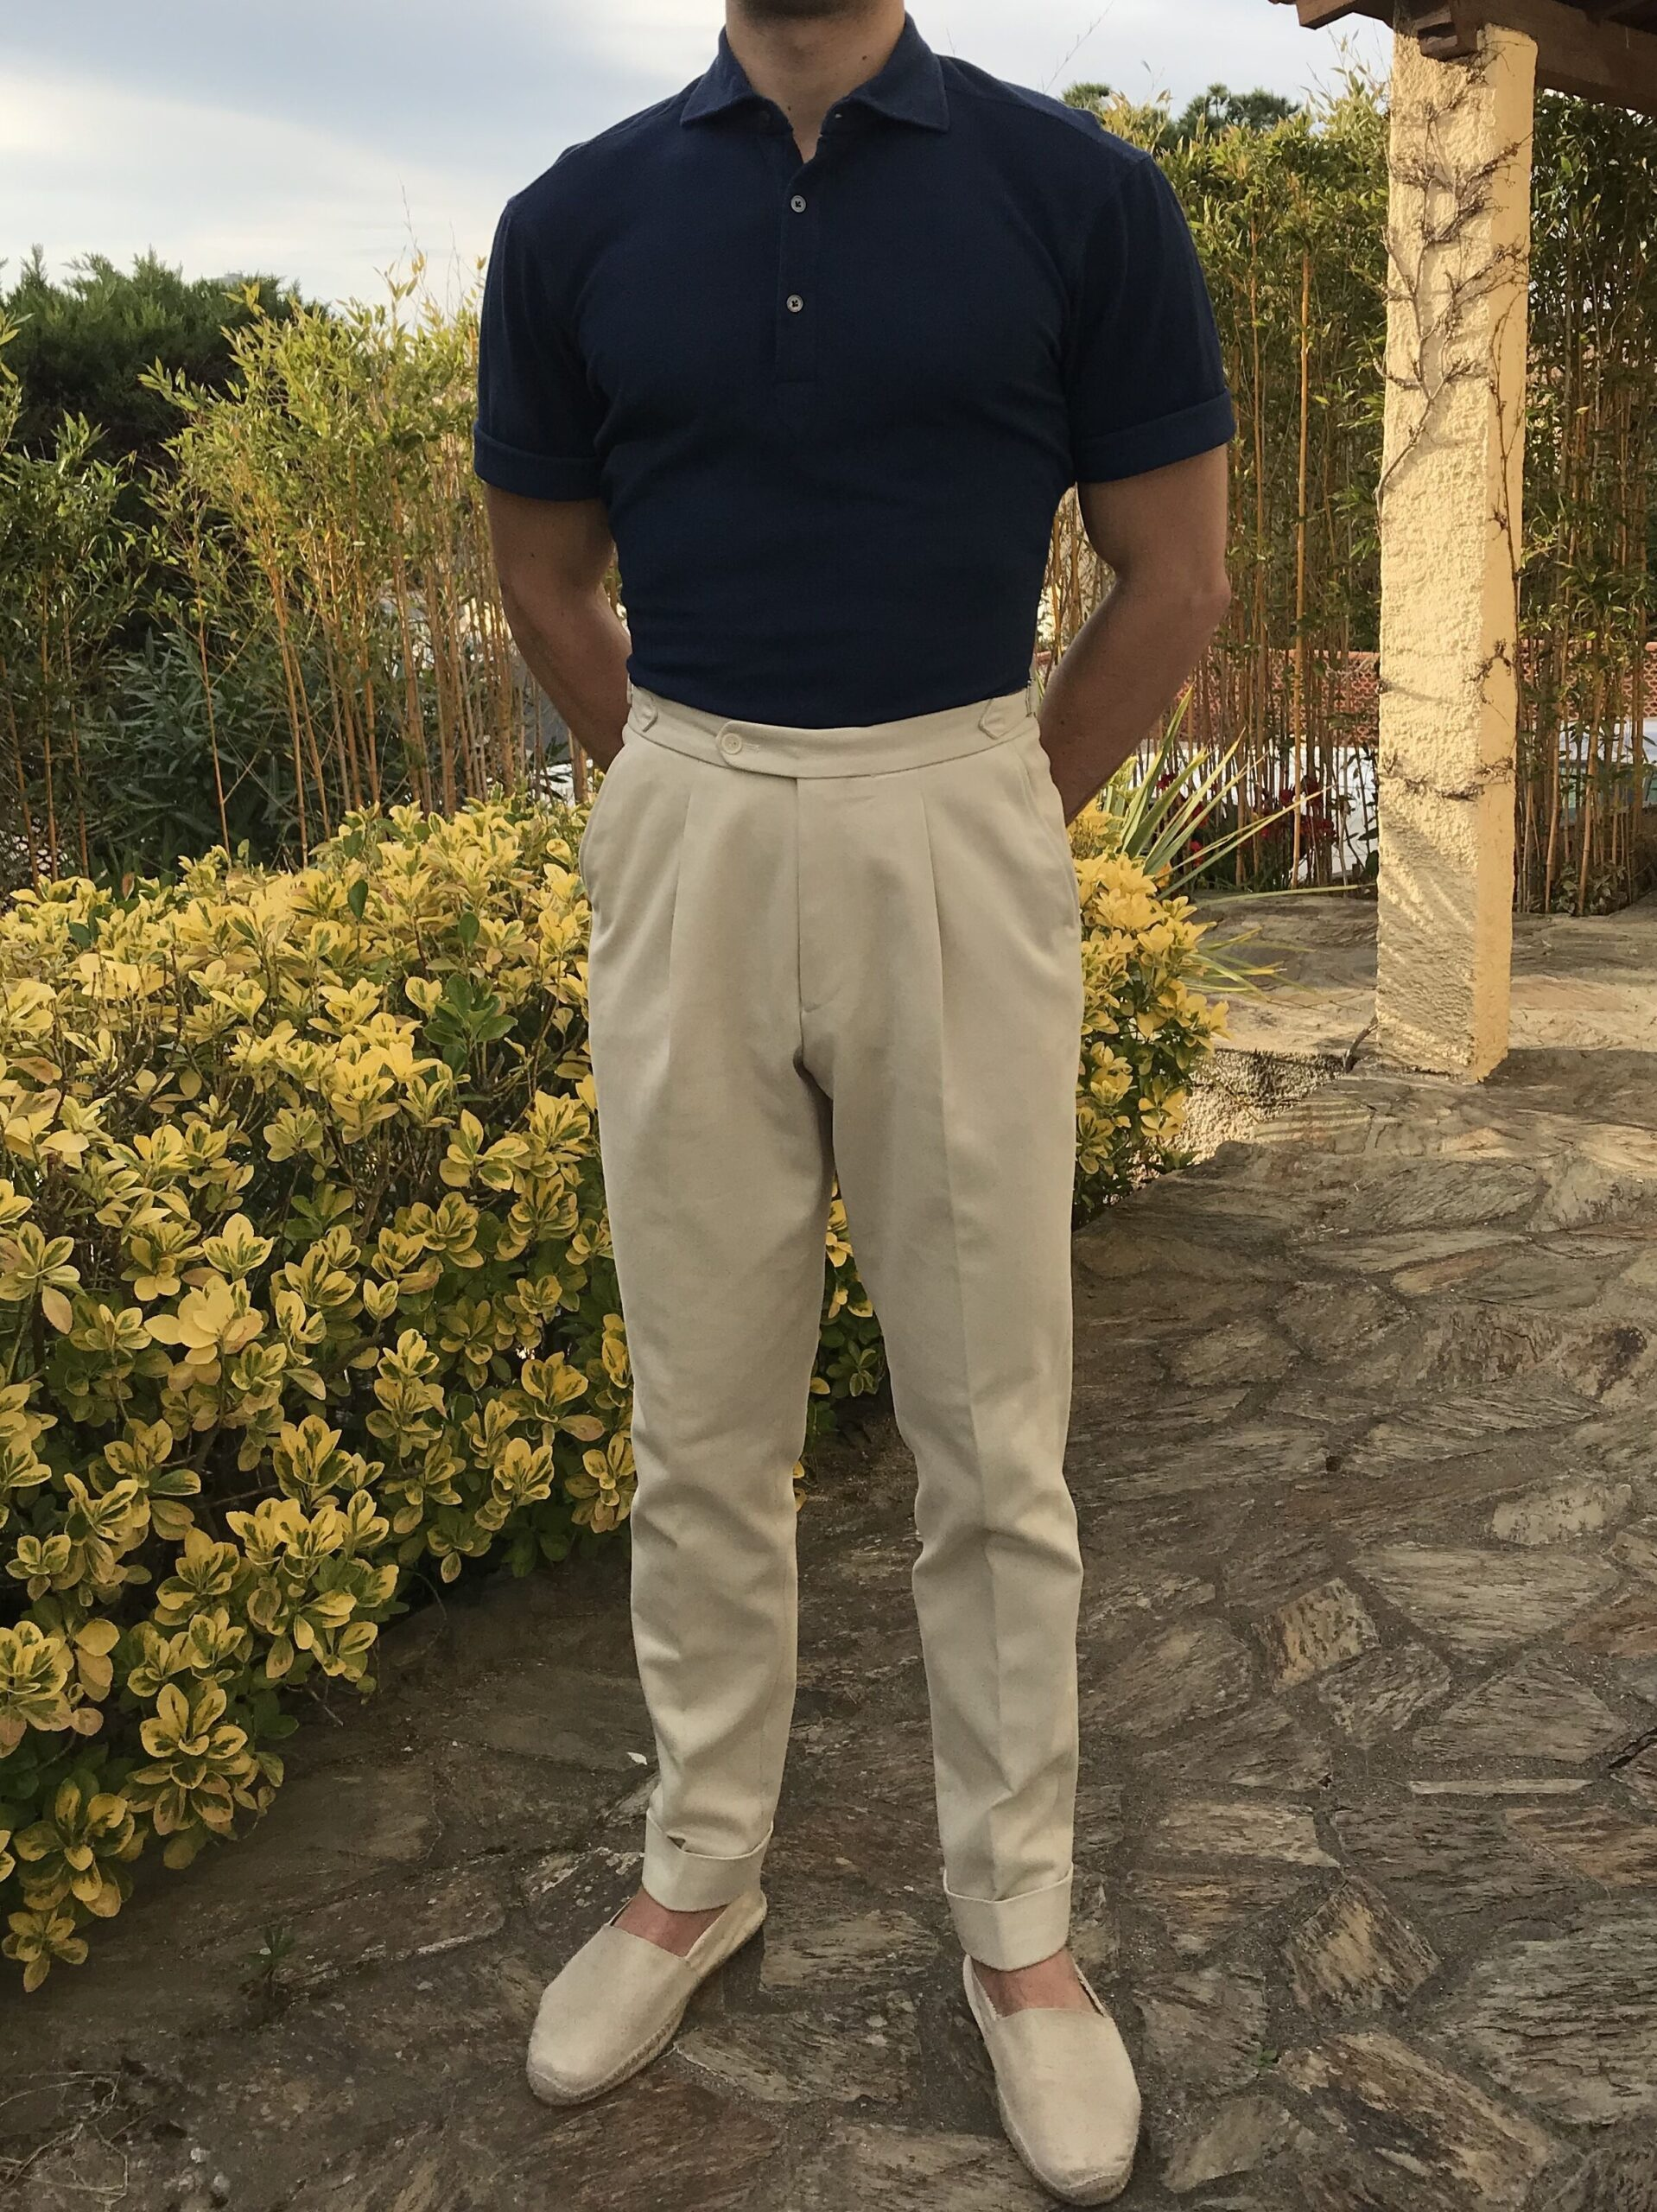 Tenue très estivale ici, composée du pantalon Natalino, d'un polo G. Inglese et d'une paire d'espadrilles. Notez comment le pantalon permet de mettre en valeur la silhouette masculine en marquant la taille.